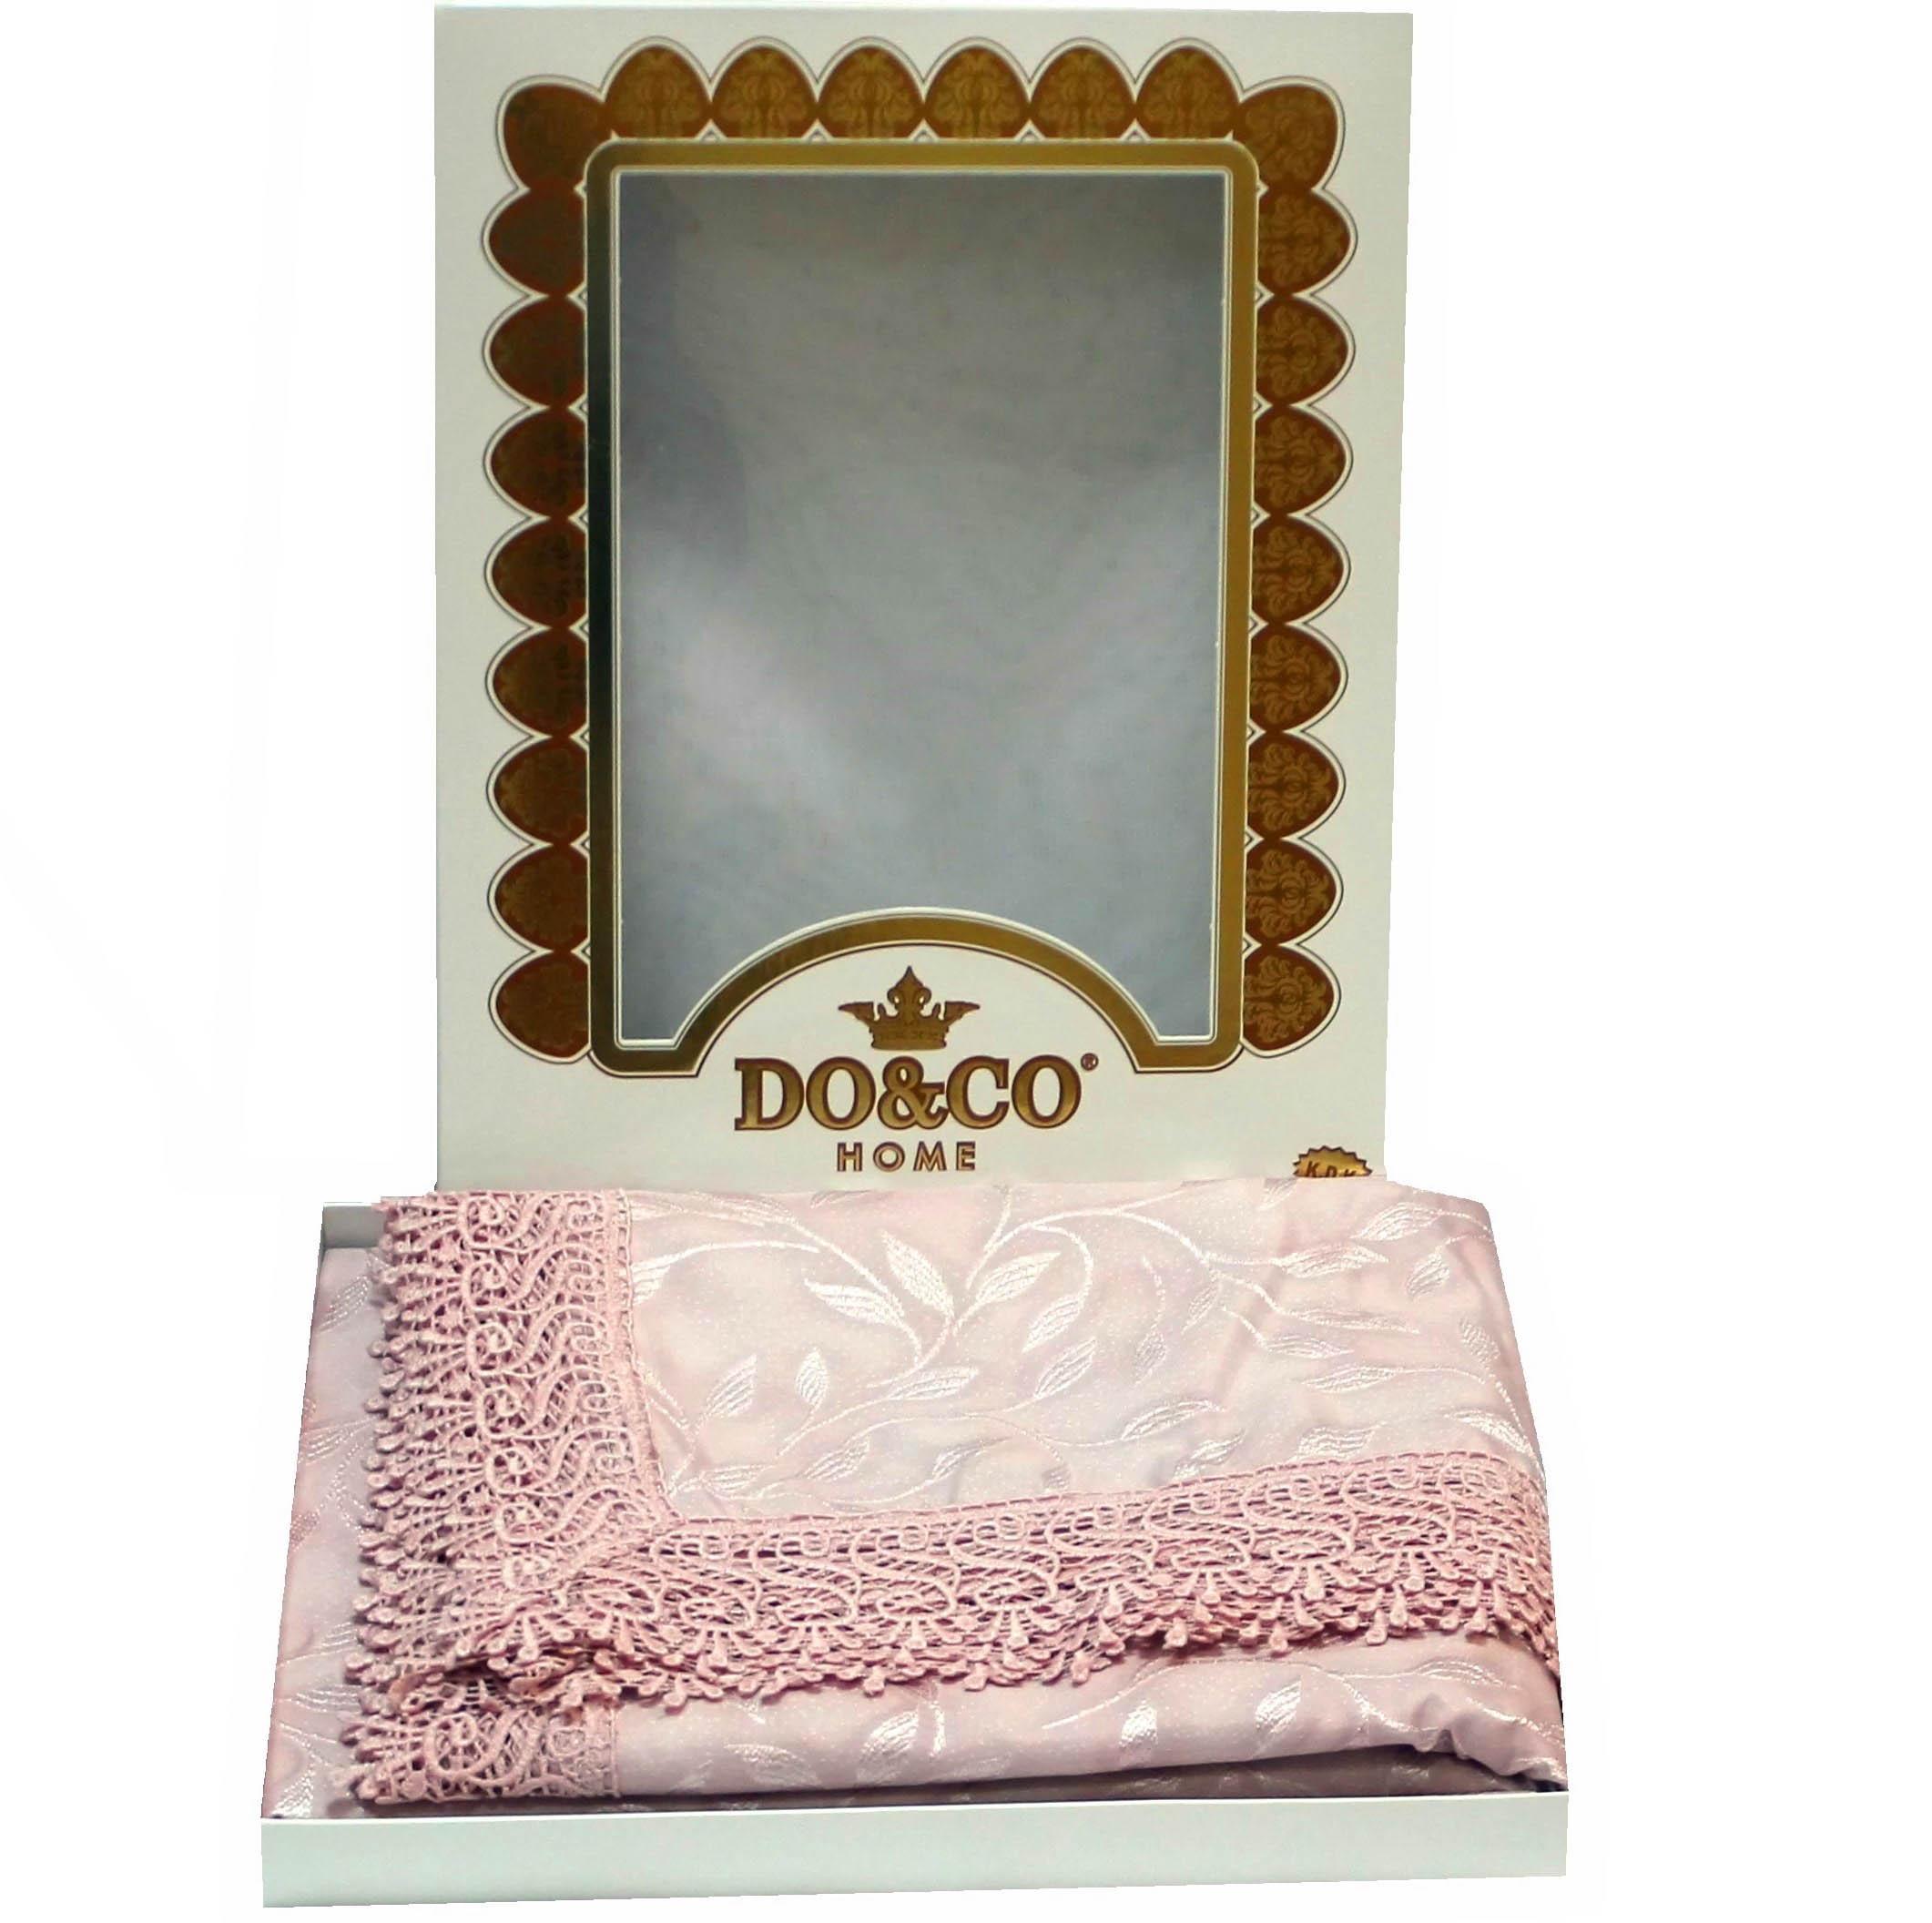 Скатерти и салфетки DO'n'CO Скатерть Dolph Цвет: Горчичный (160х220 см) every набор чехлов для дивана every цвет горчичный